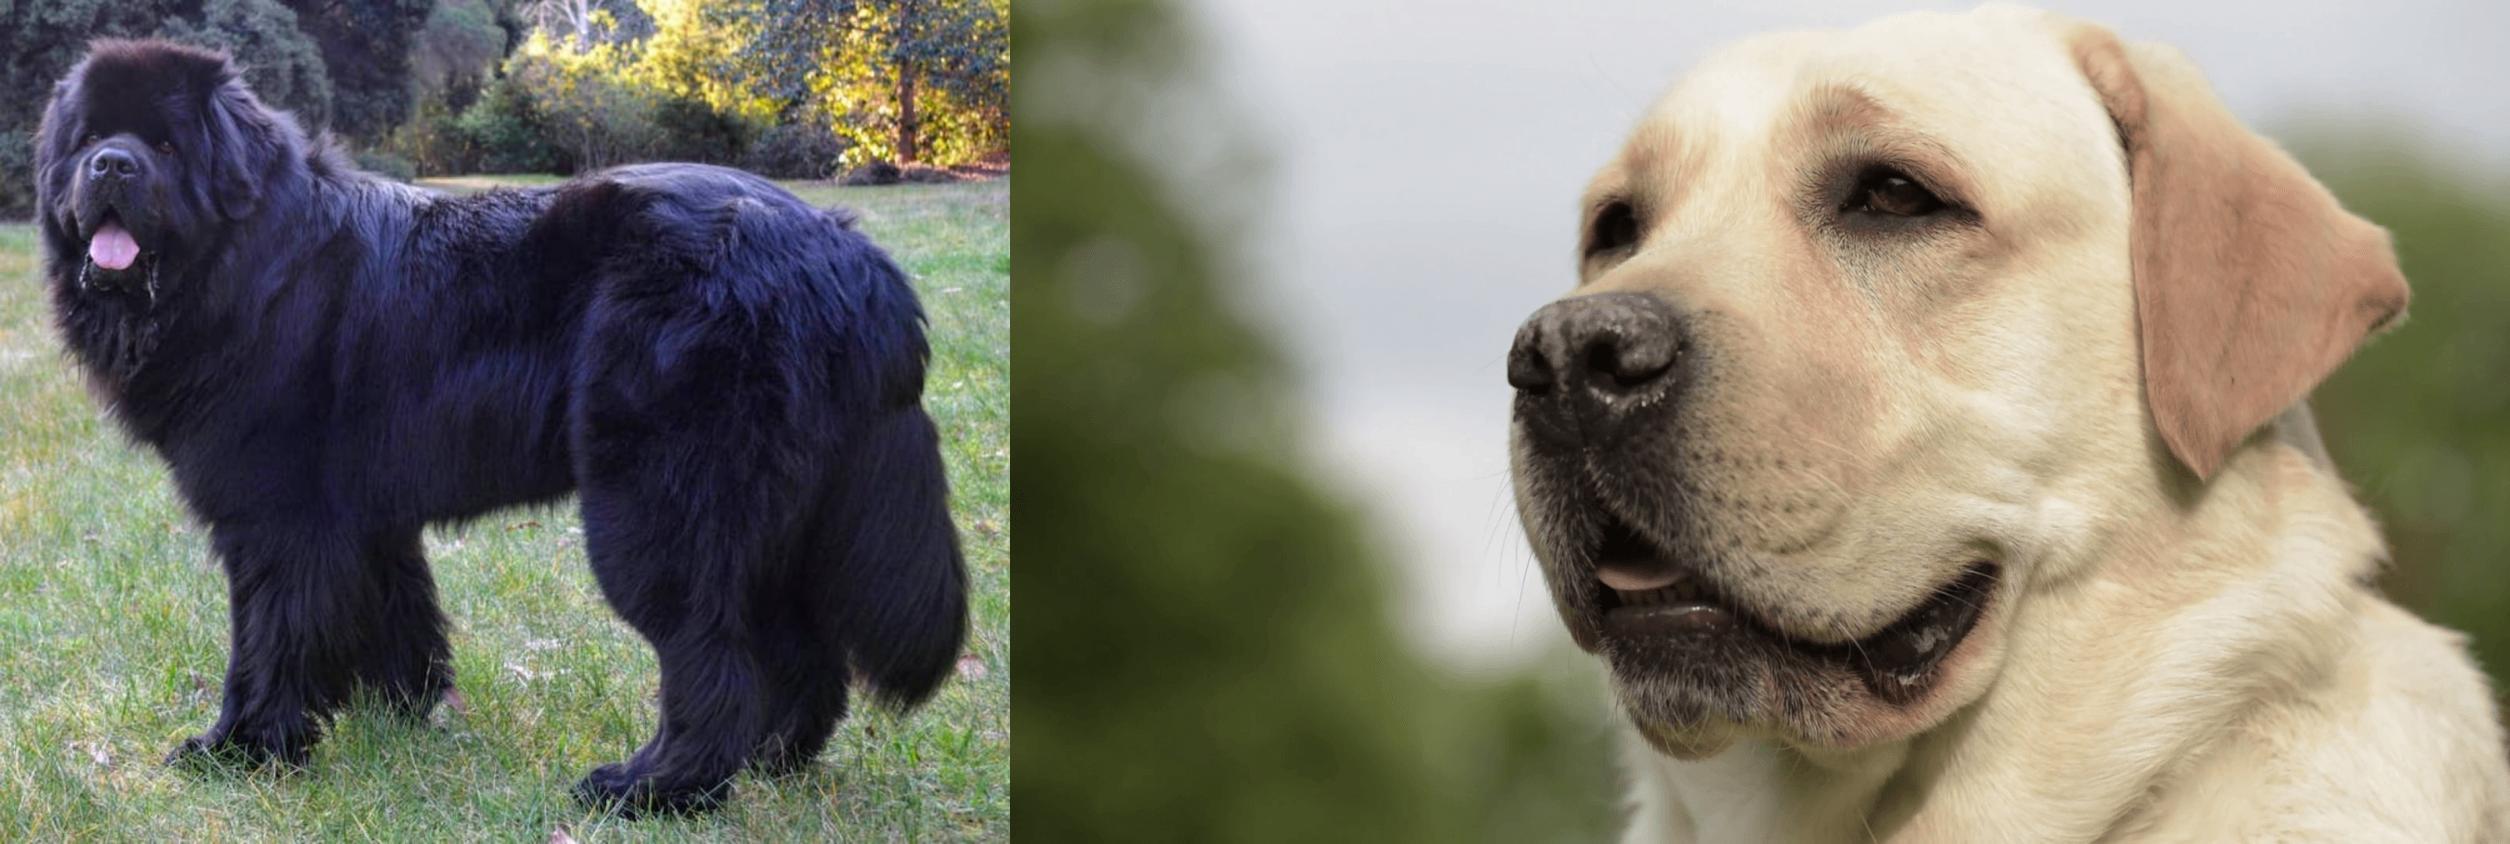 Newfoundland Dog vs Labrador Retriever - Breed Comparison